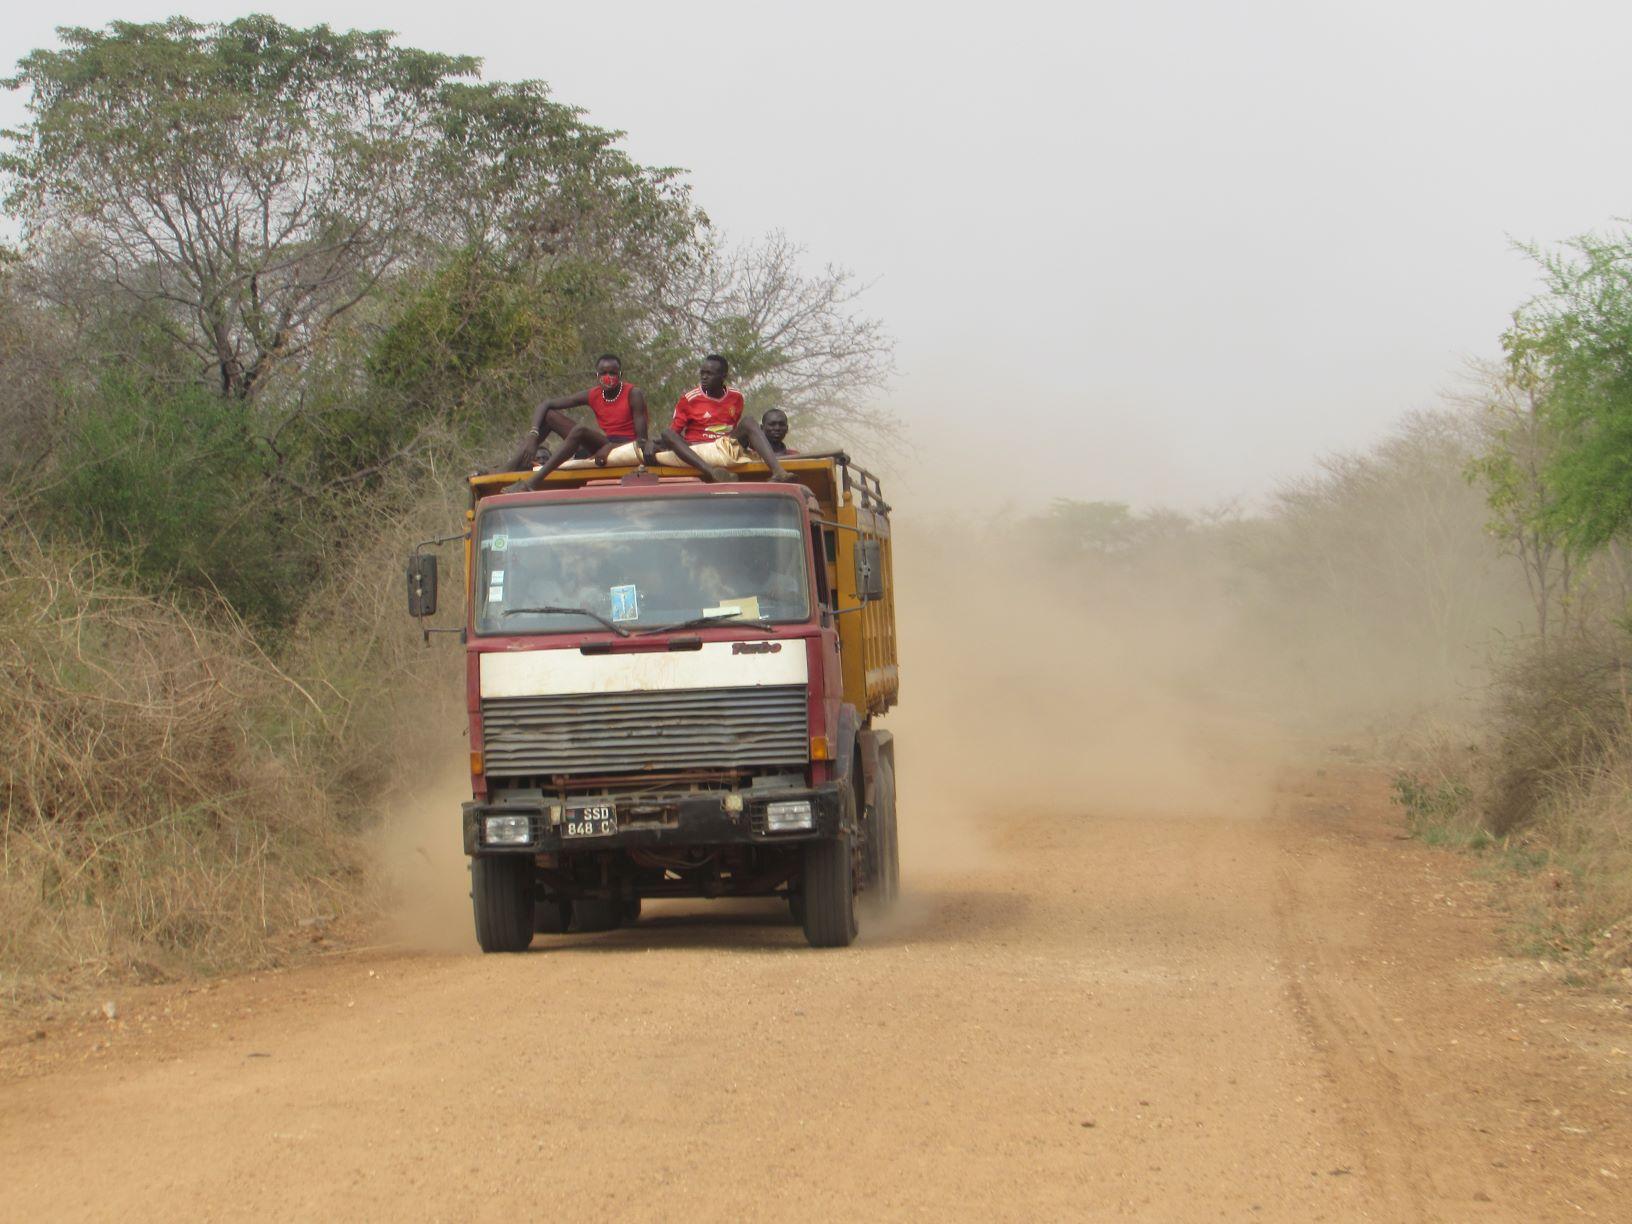 Sudan Płd z punktu widzenia kierowcy zawodowego